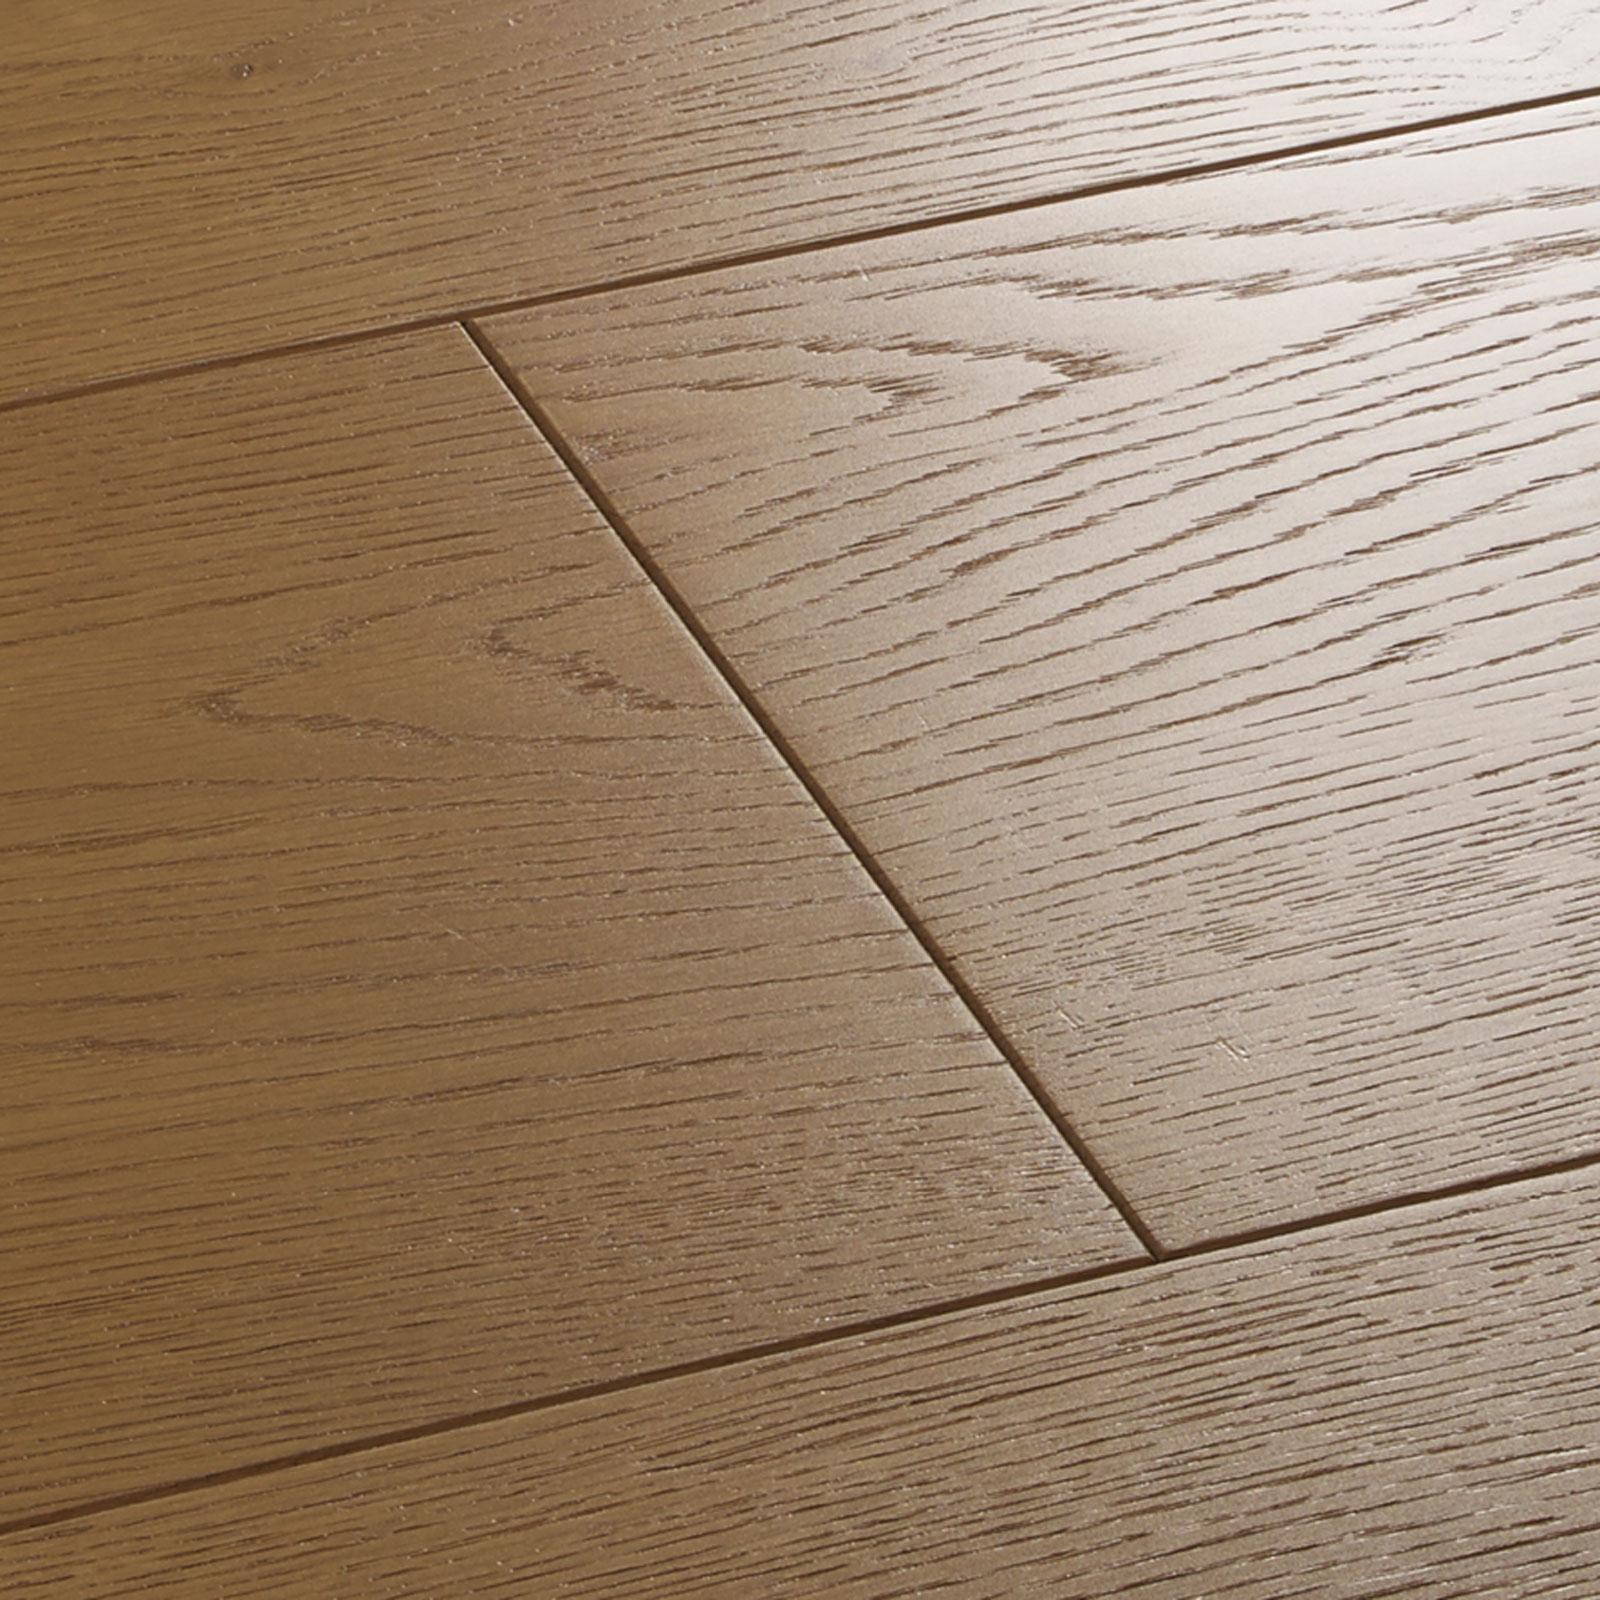 swatch-cropped-salcombe-sunwashed-oak-1600